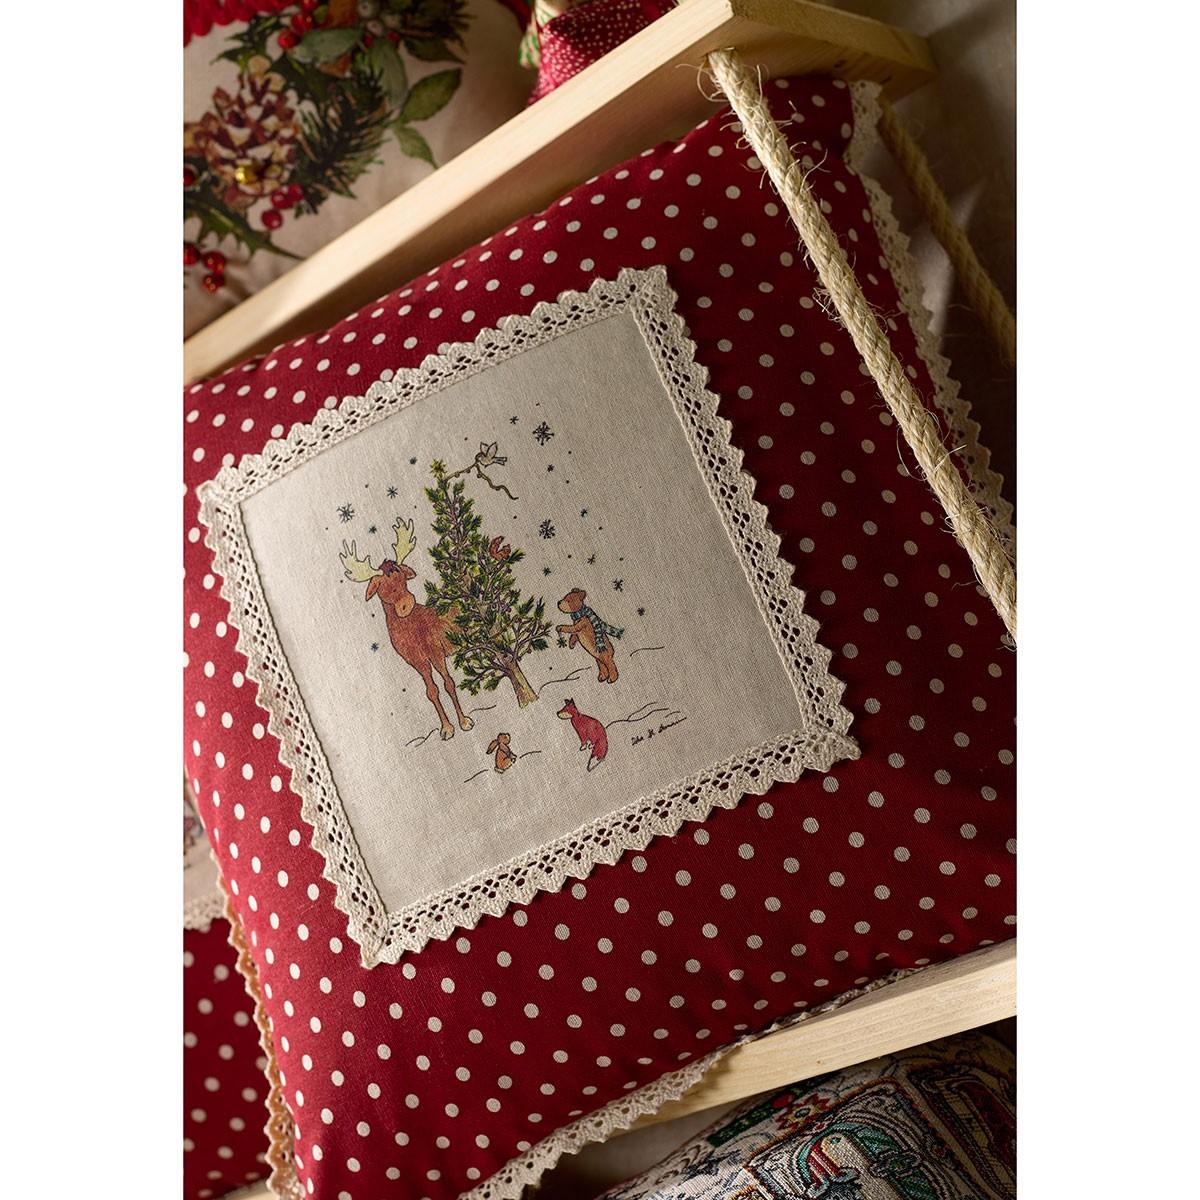 Χριστουγεννιάτικη Μαξιλαροθήκη Gofis Home Forest 878